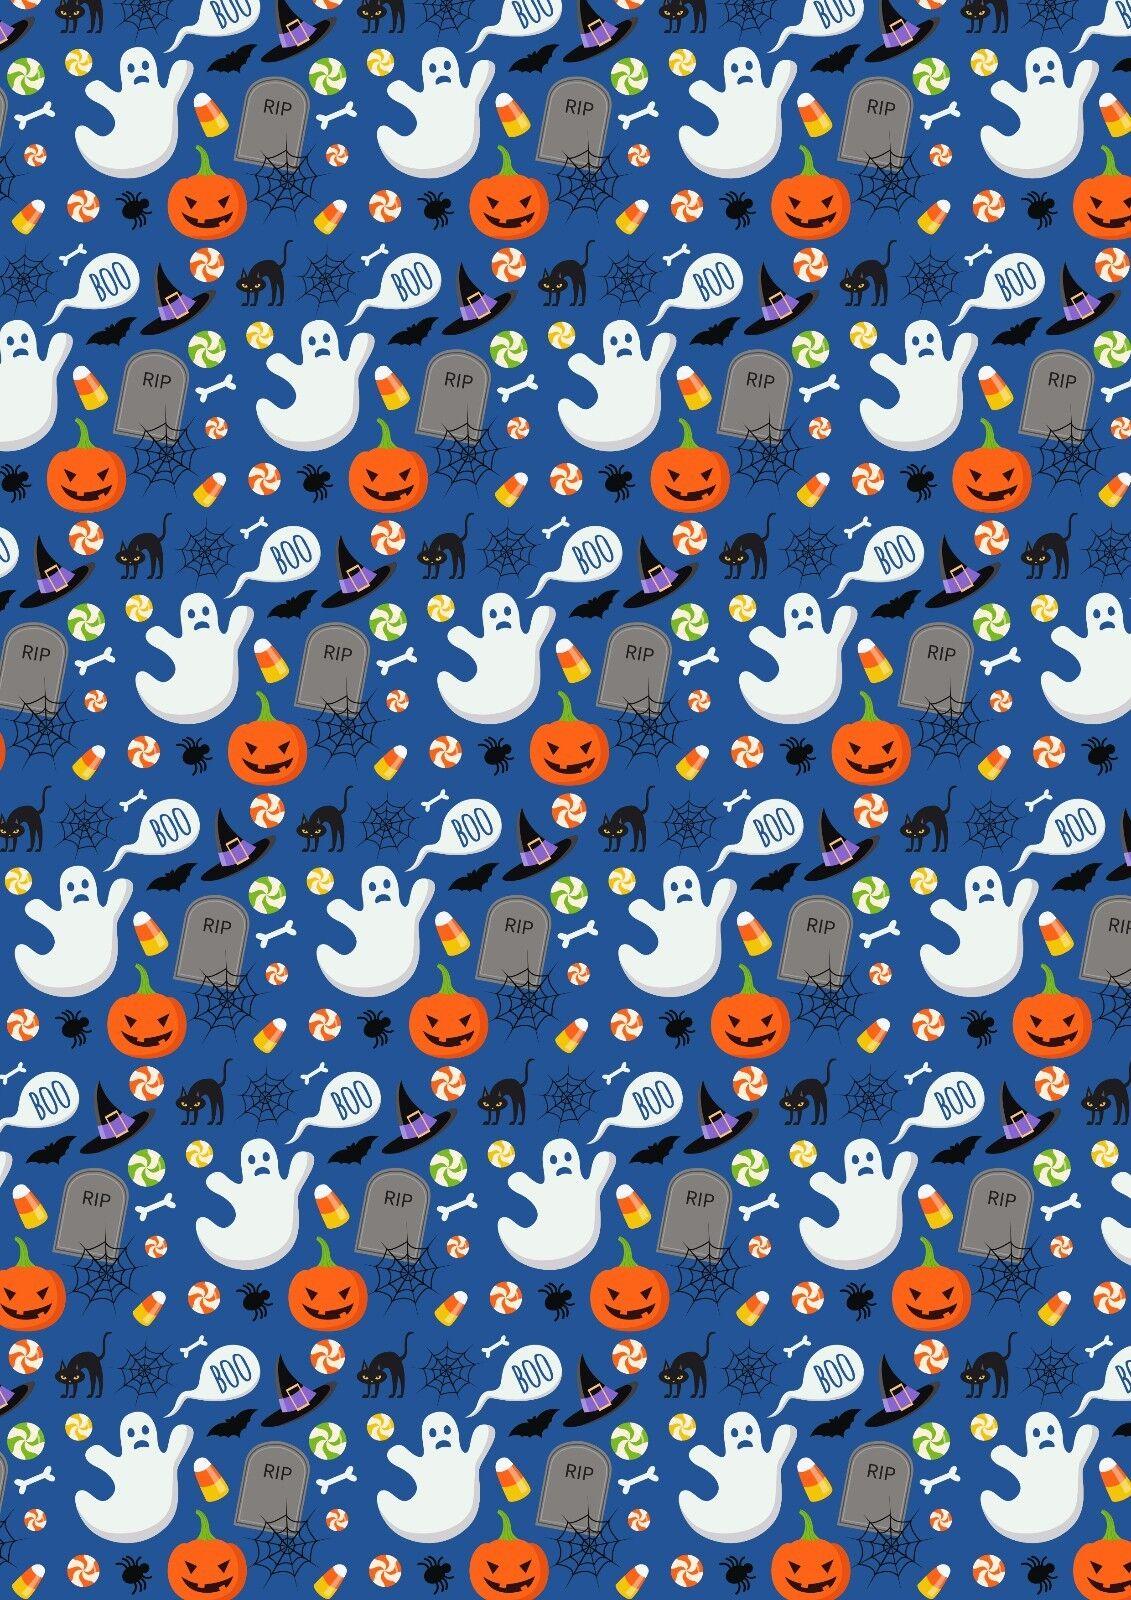 Printed Bow Fabric A4 Canvas Halloween Pumpkin Ghost HW10 Make glitter hair bows